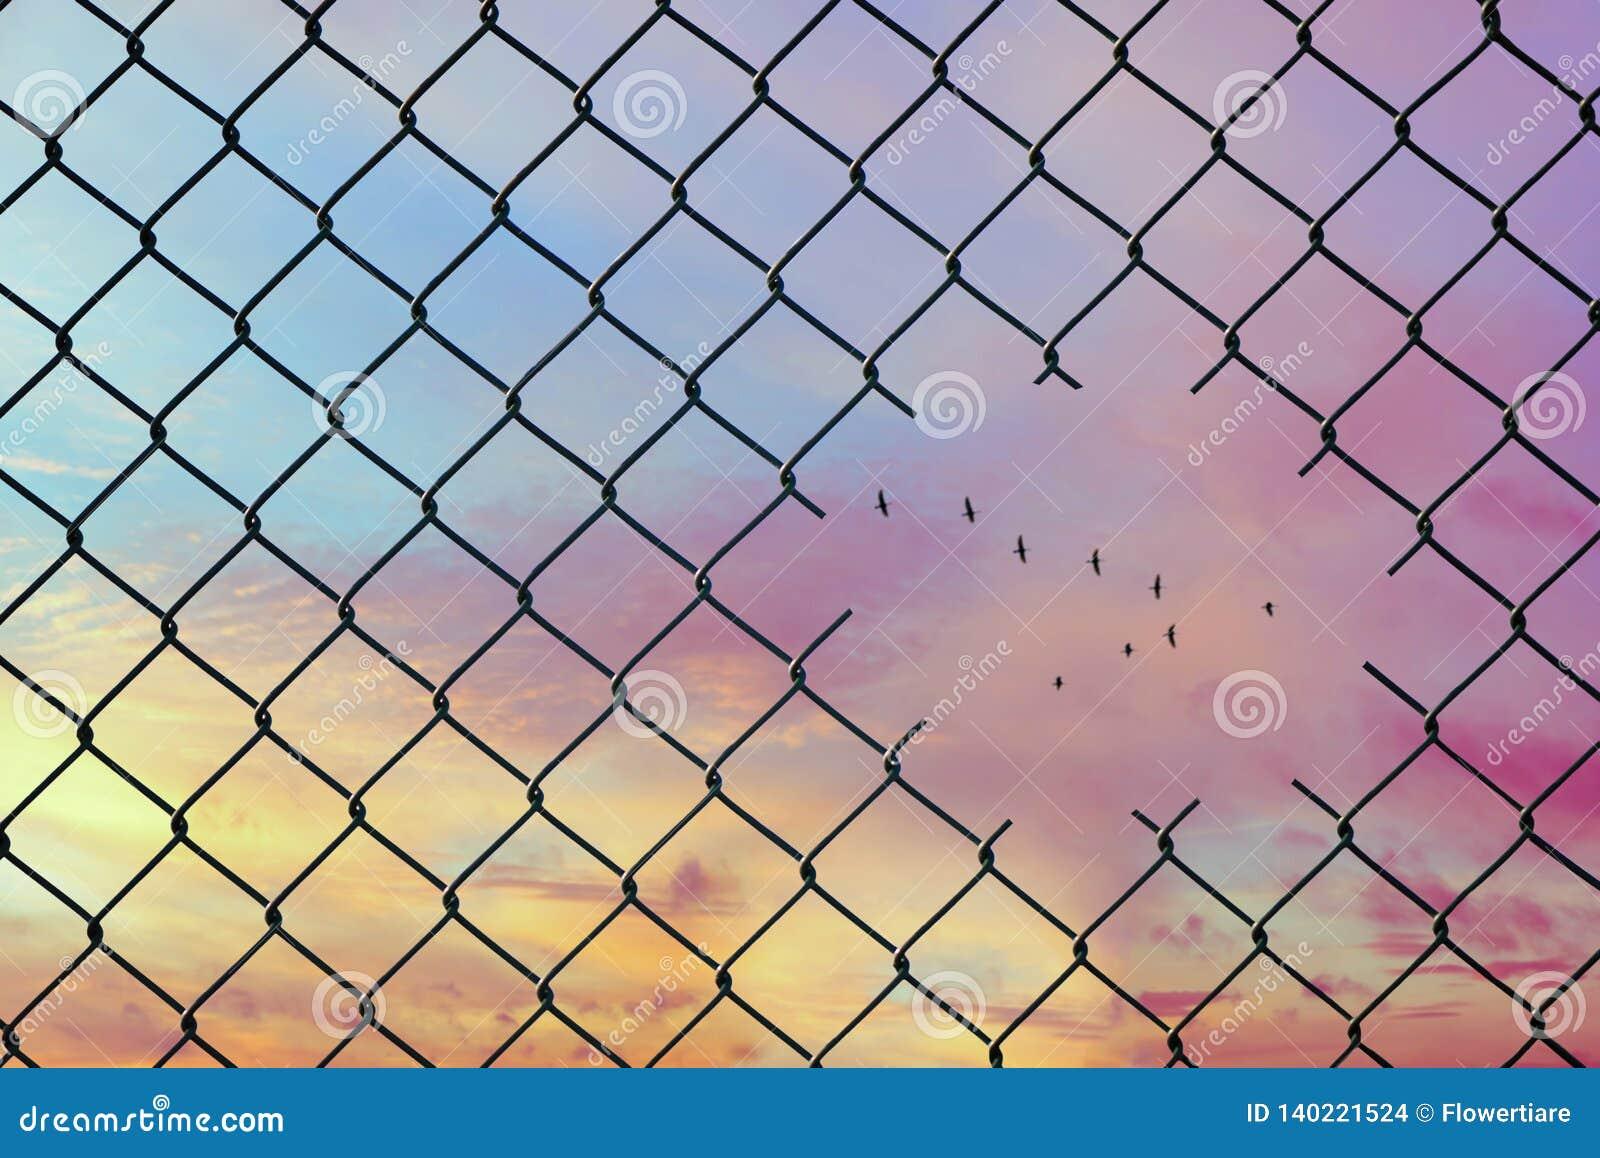 Imagem conceptual dos pássaros que voam na forma de v no furo da cerca de fio de aço da malha